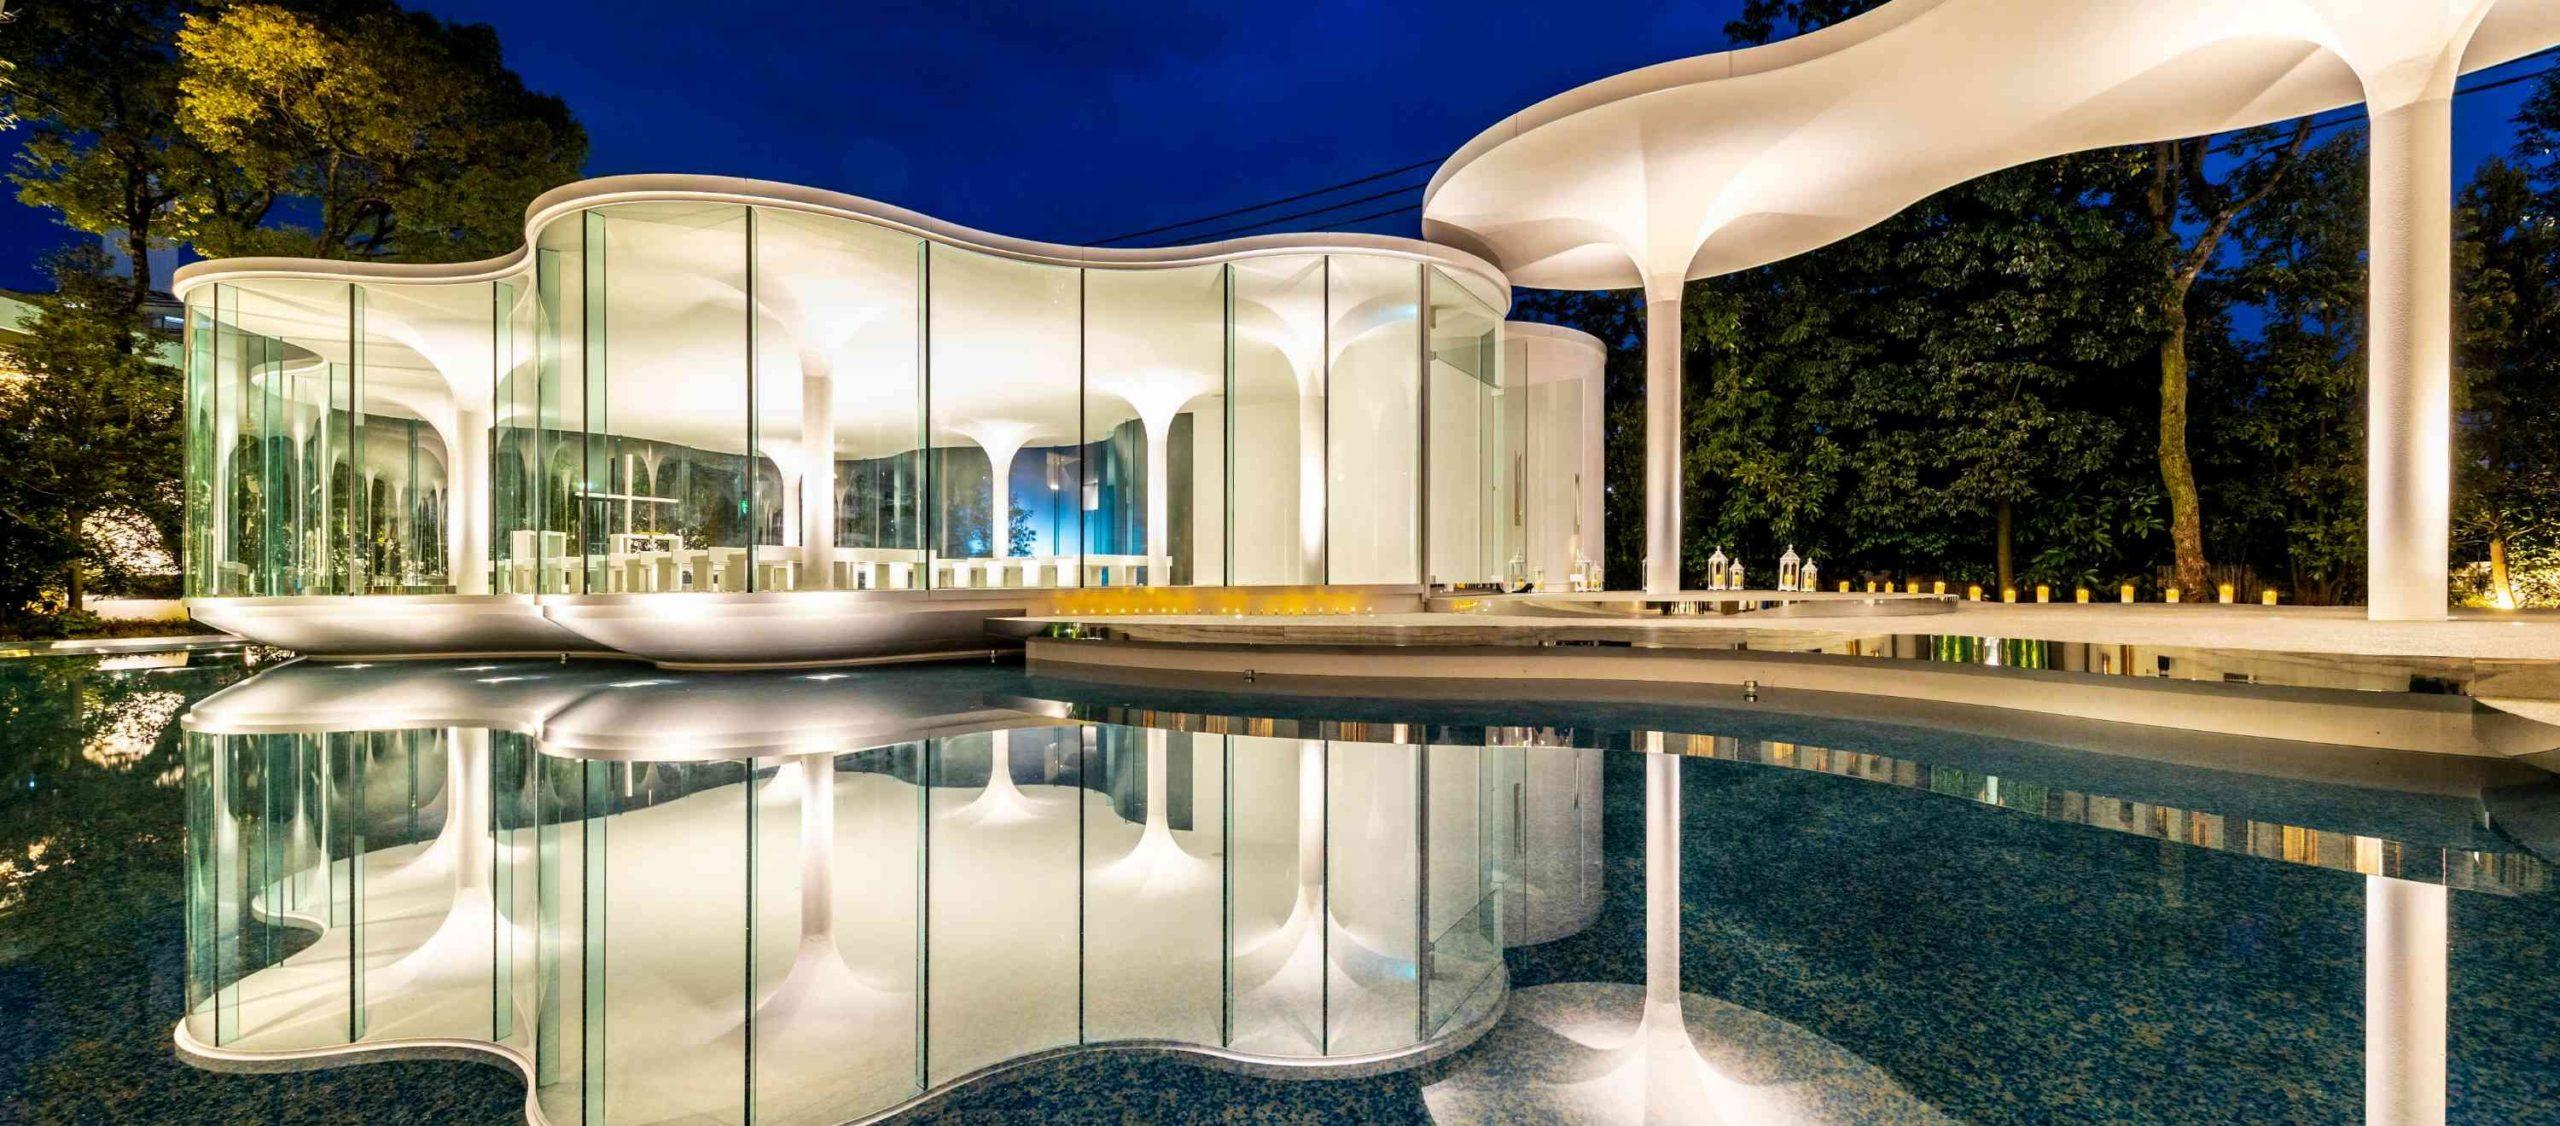 「エルブランシュ」の美しいデザインが世界中から注目・評価